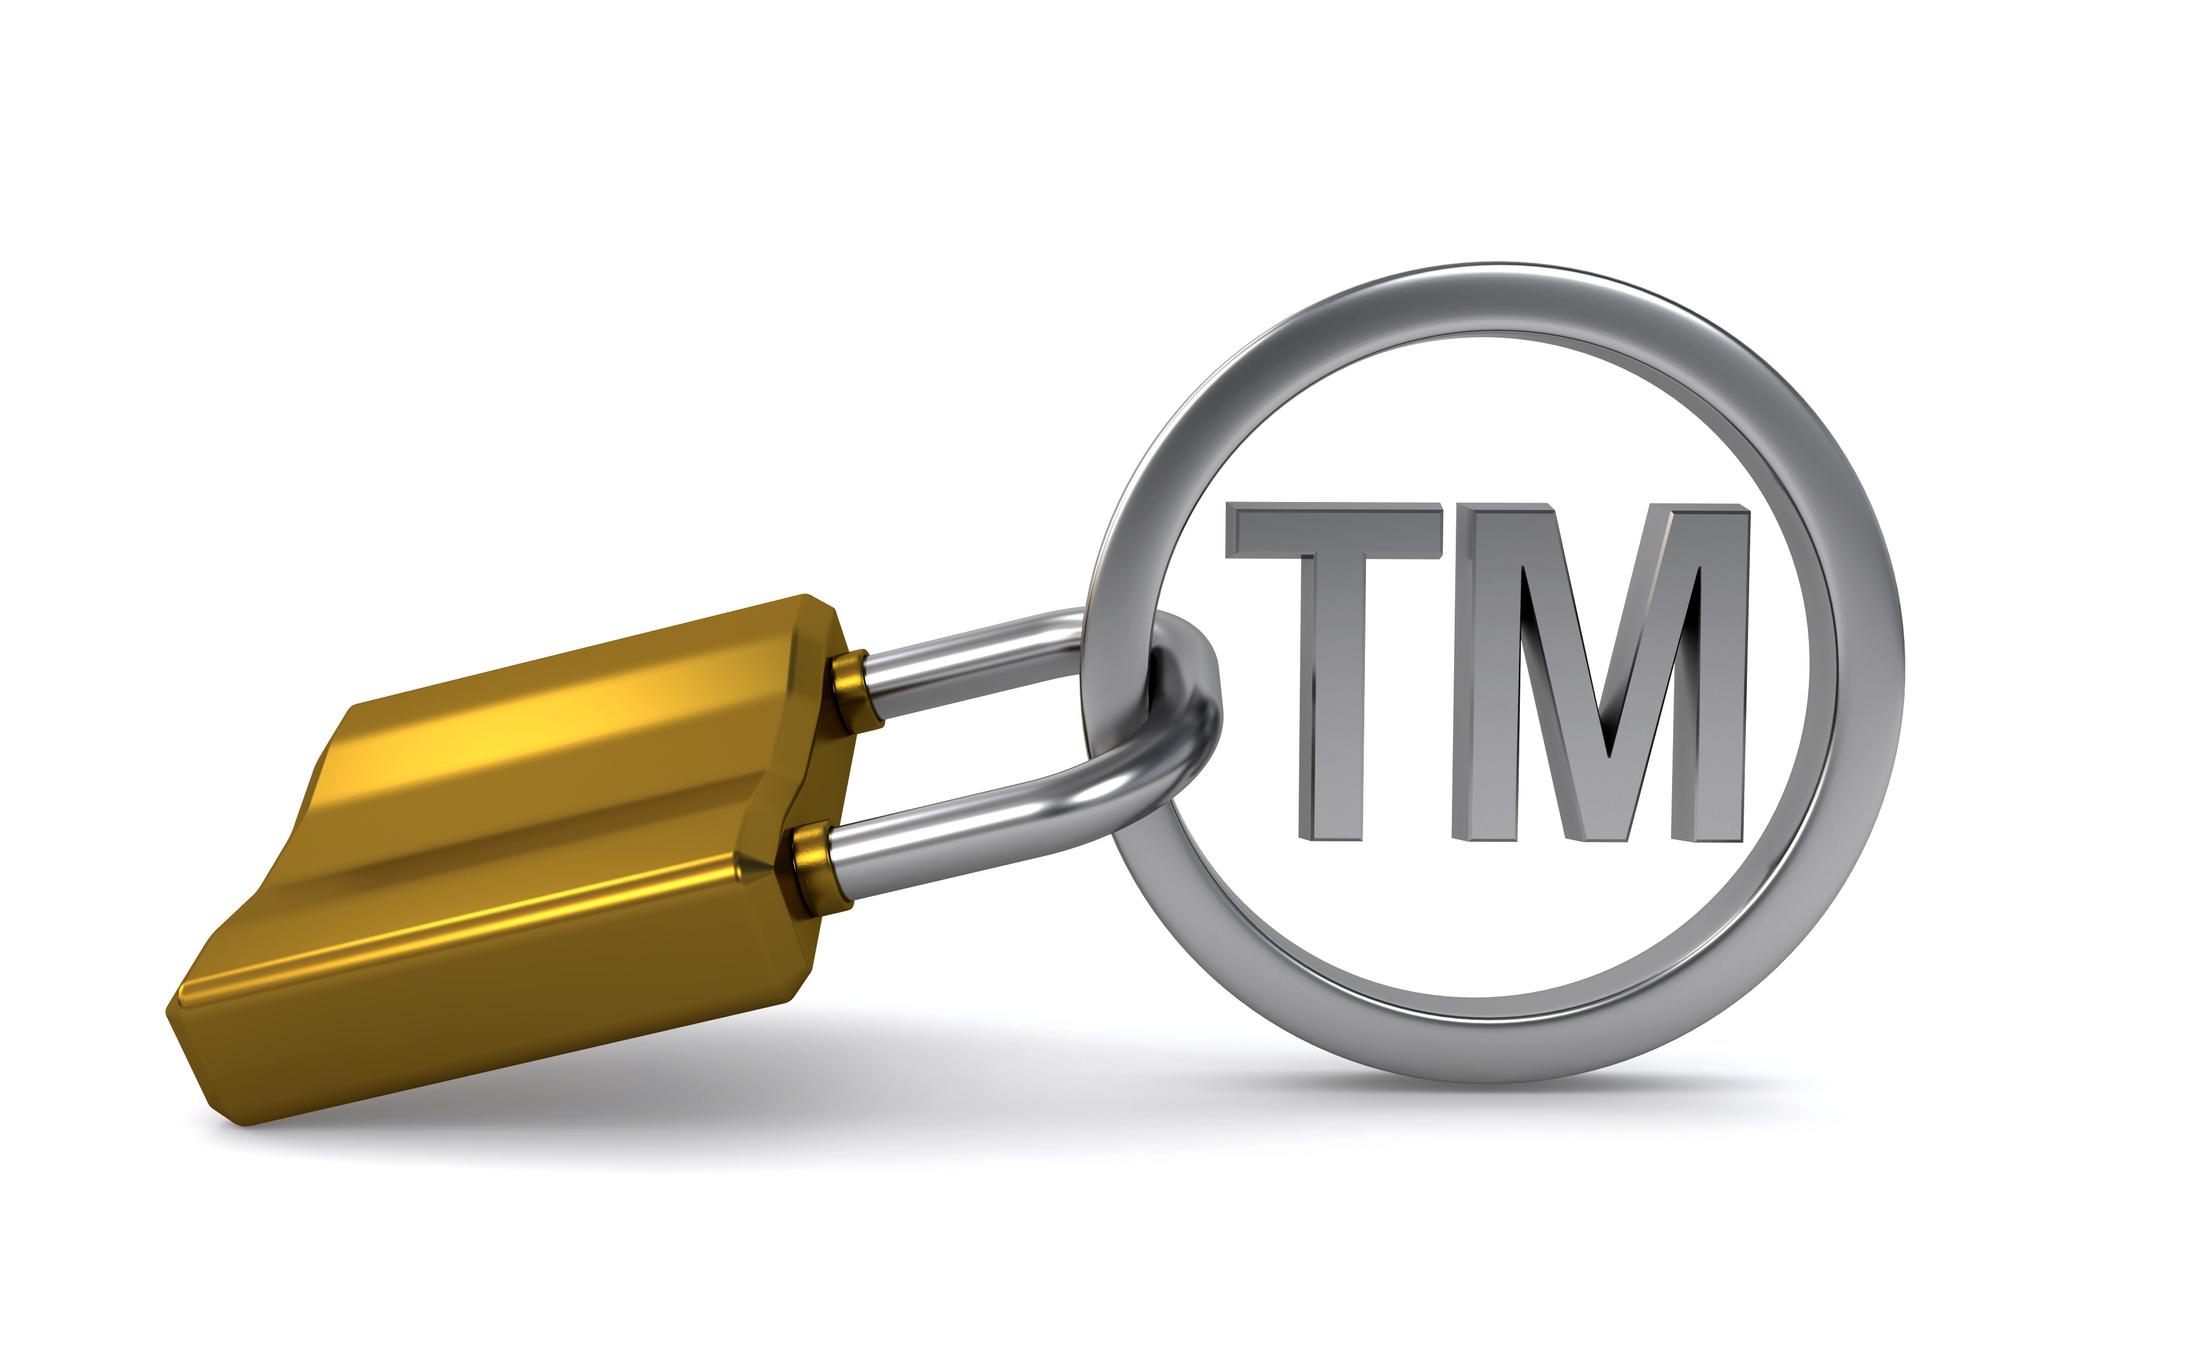 TM symbol with lock